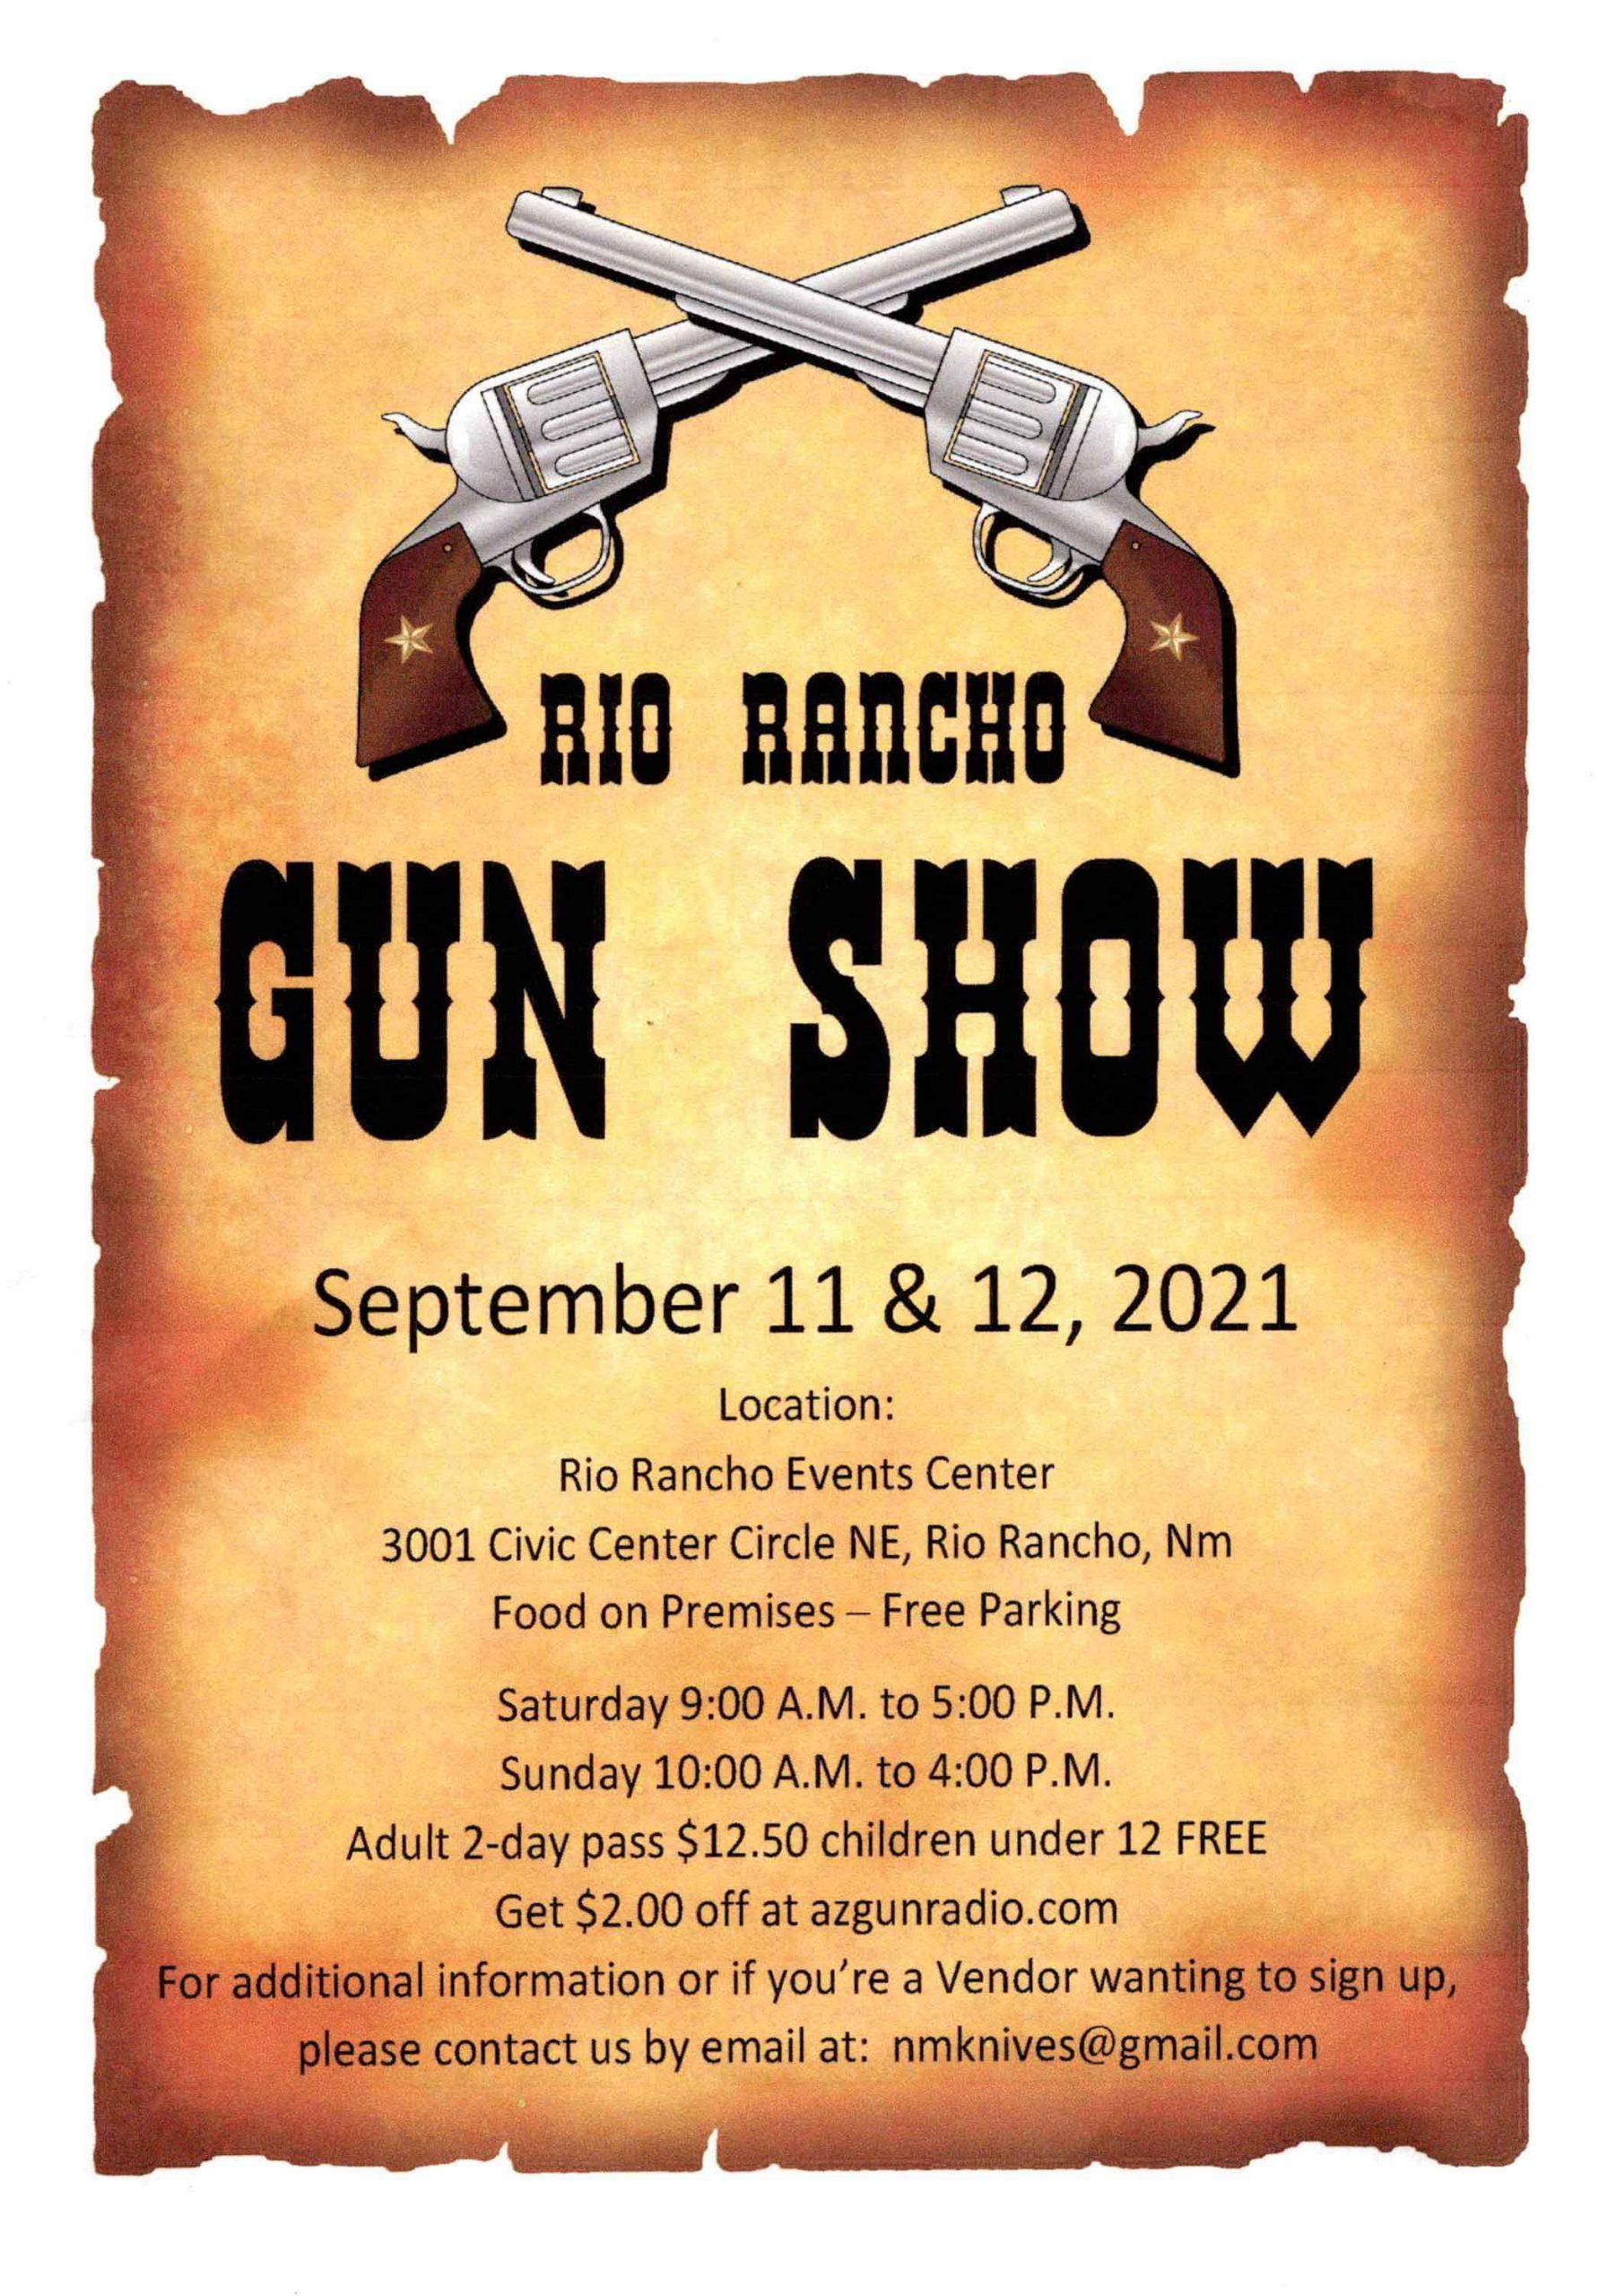 rio rancho gun show